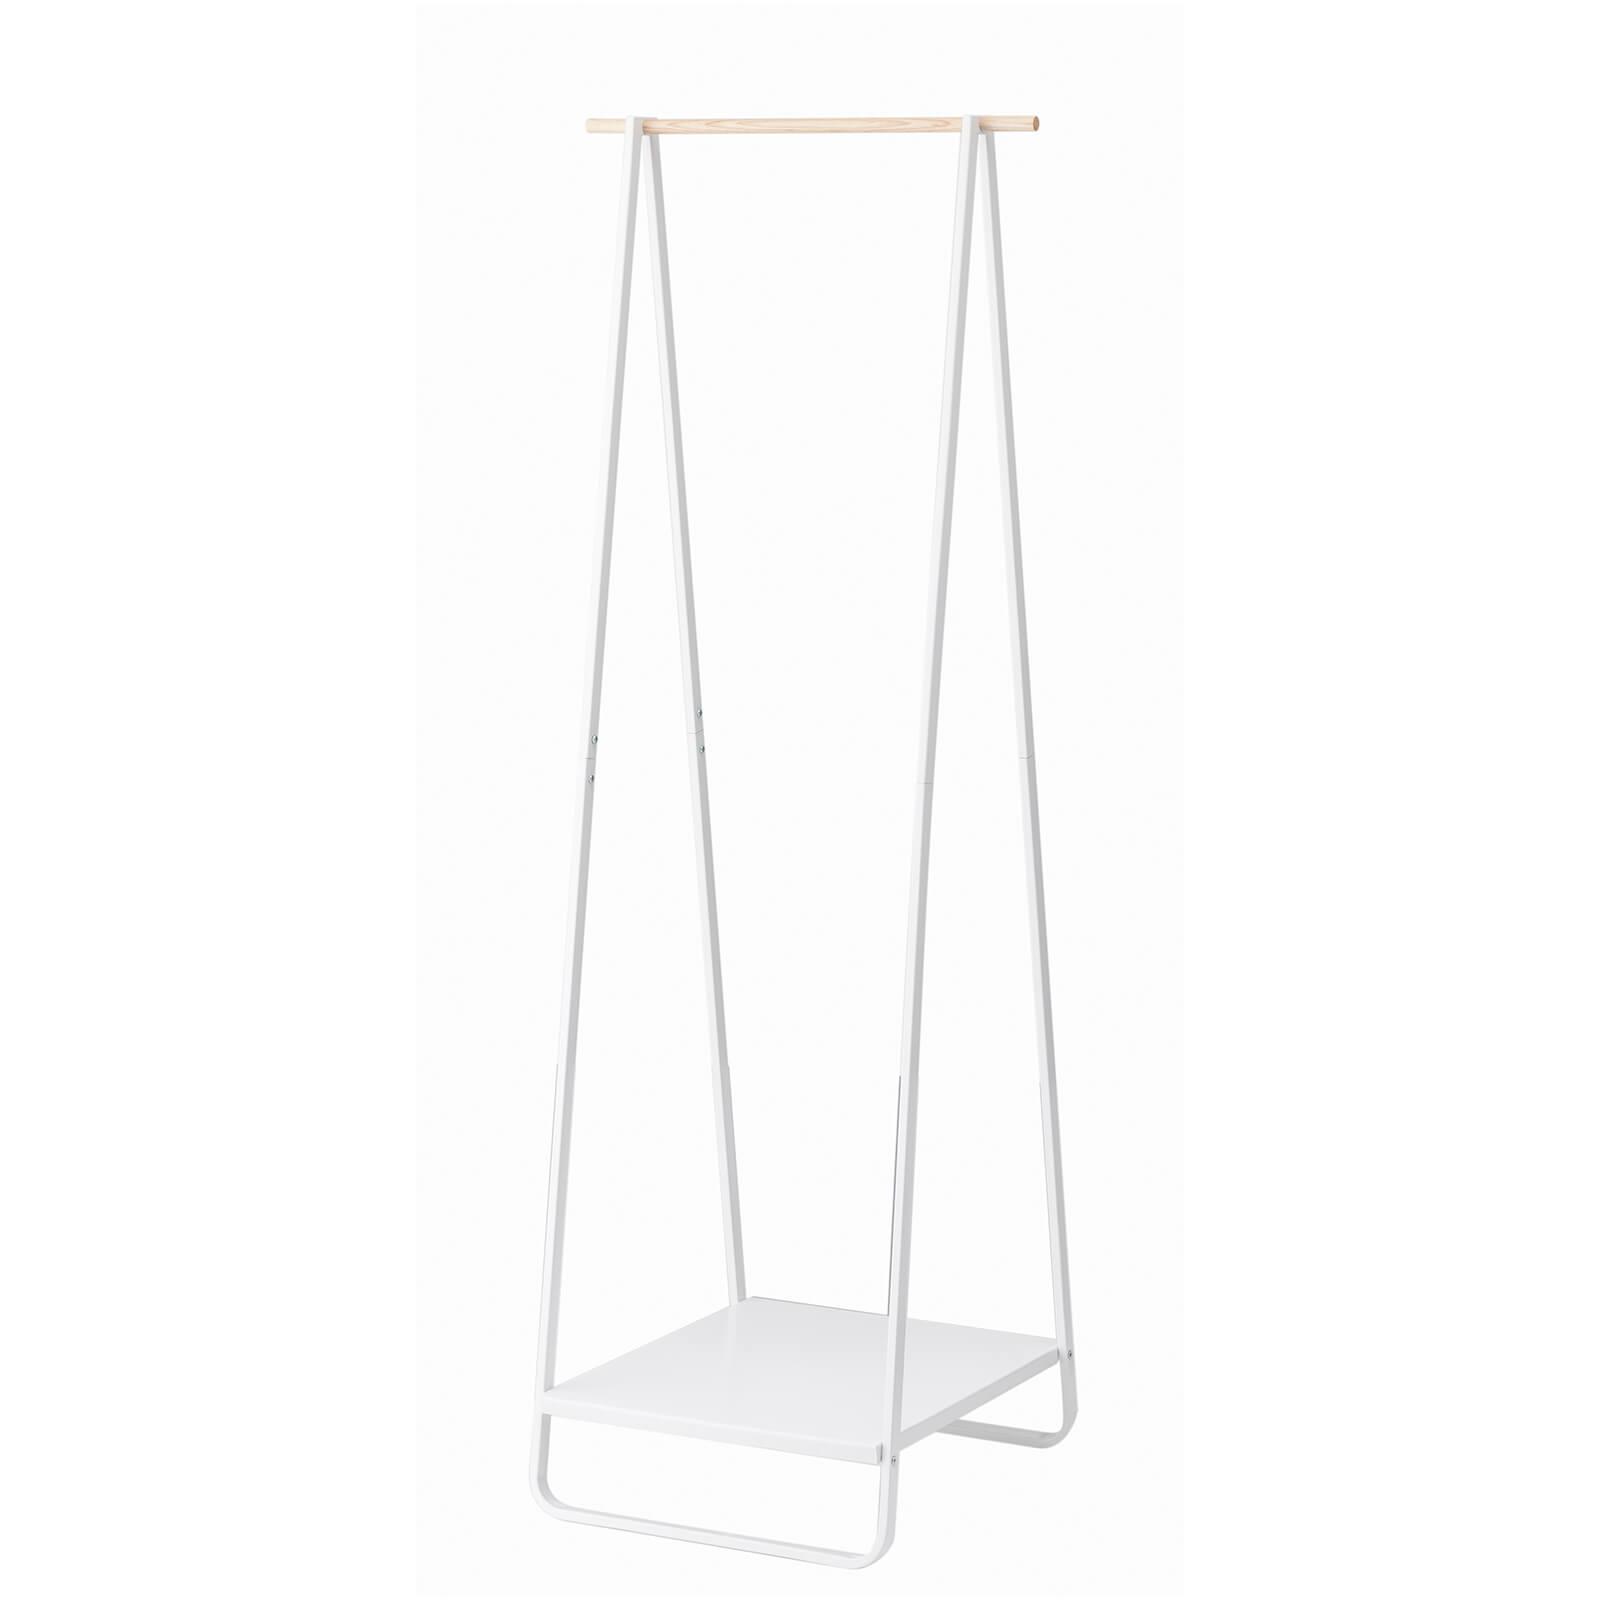 Yamazaki Tower Hanger Rack - White